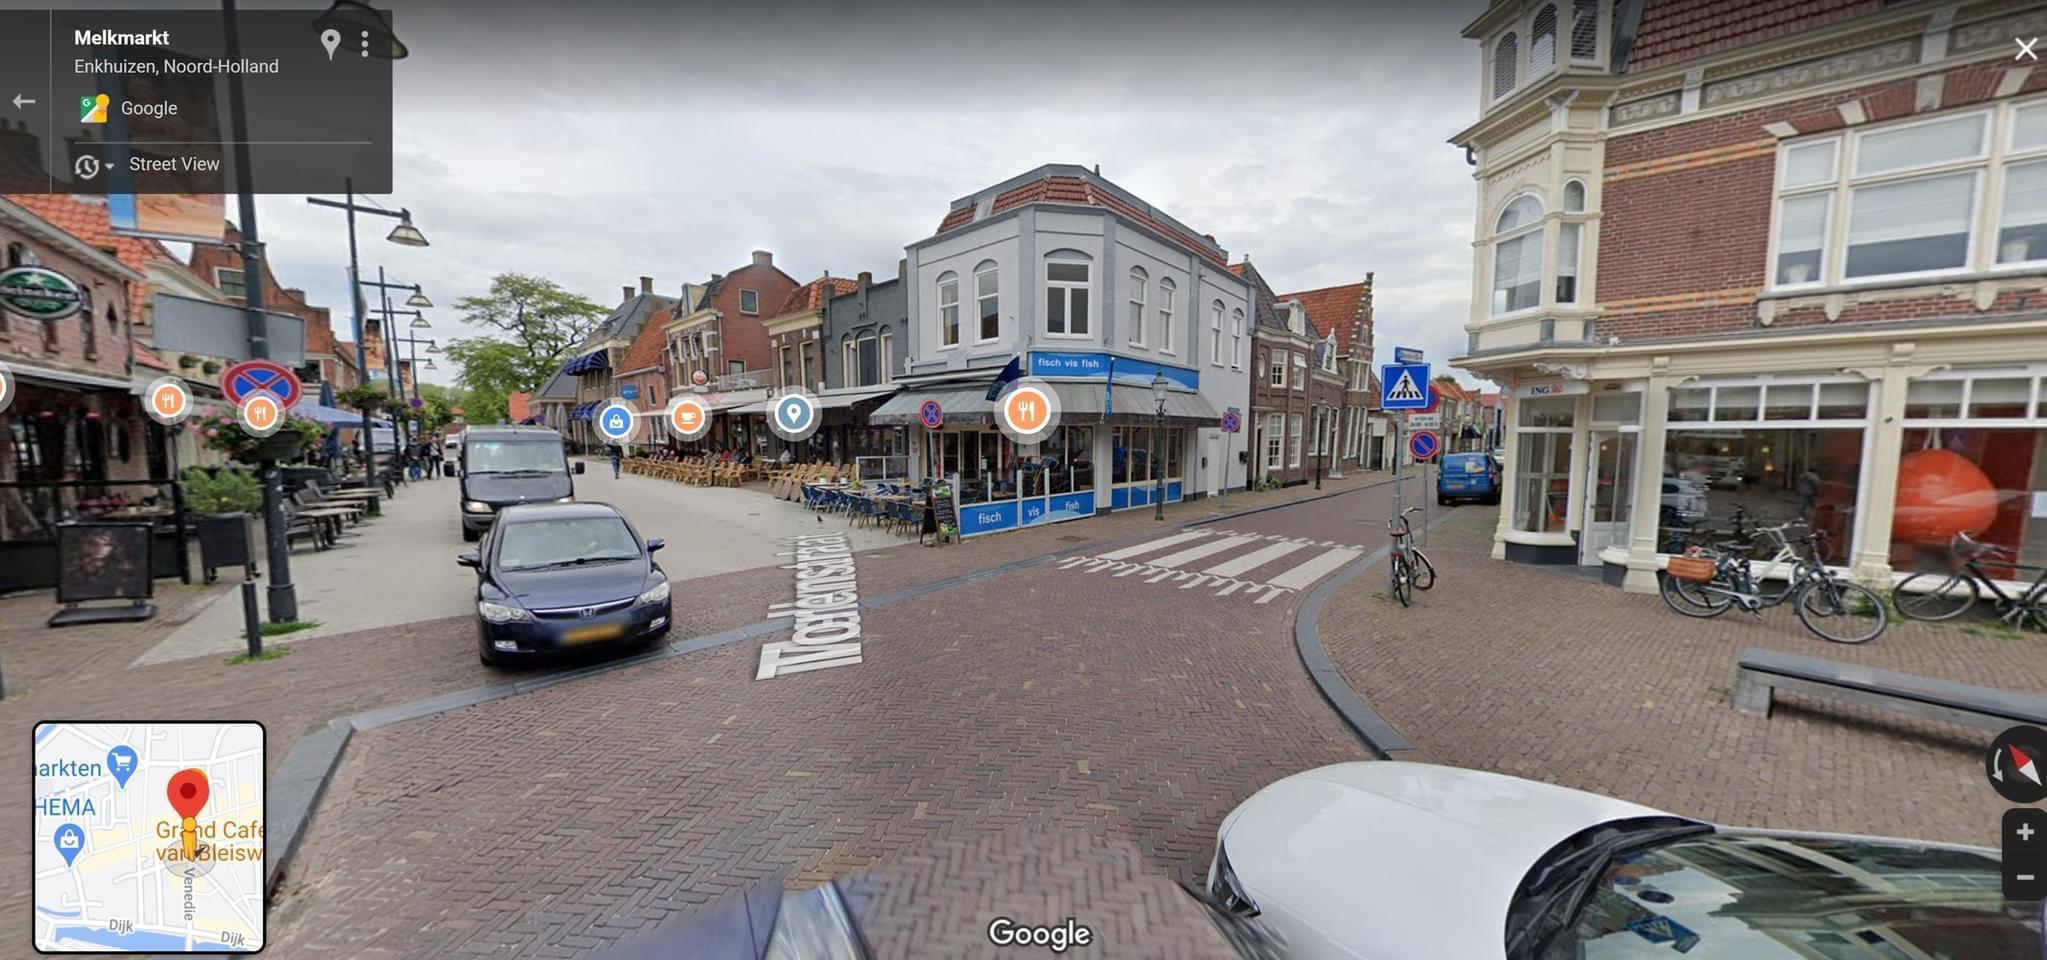 Gemeente Enkhuizen haalt hekken terrassen Melkmarkt weg, na vijf maanden afsluiting: 'Ze hoeven niet meer terug, straks is er toch geen horeca meer'